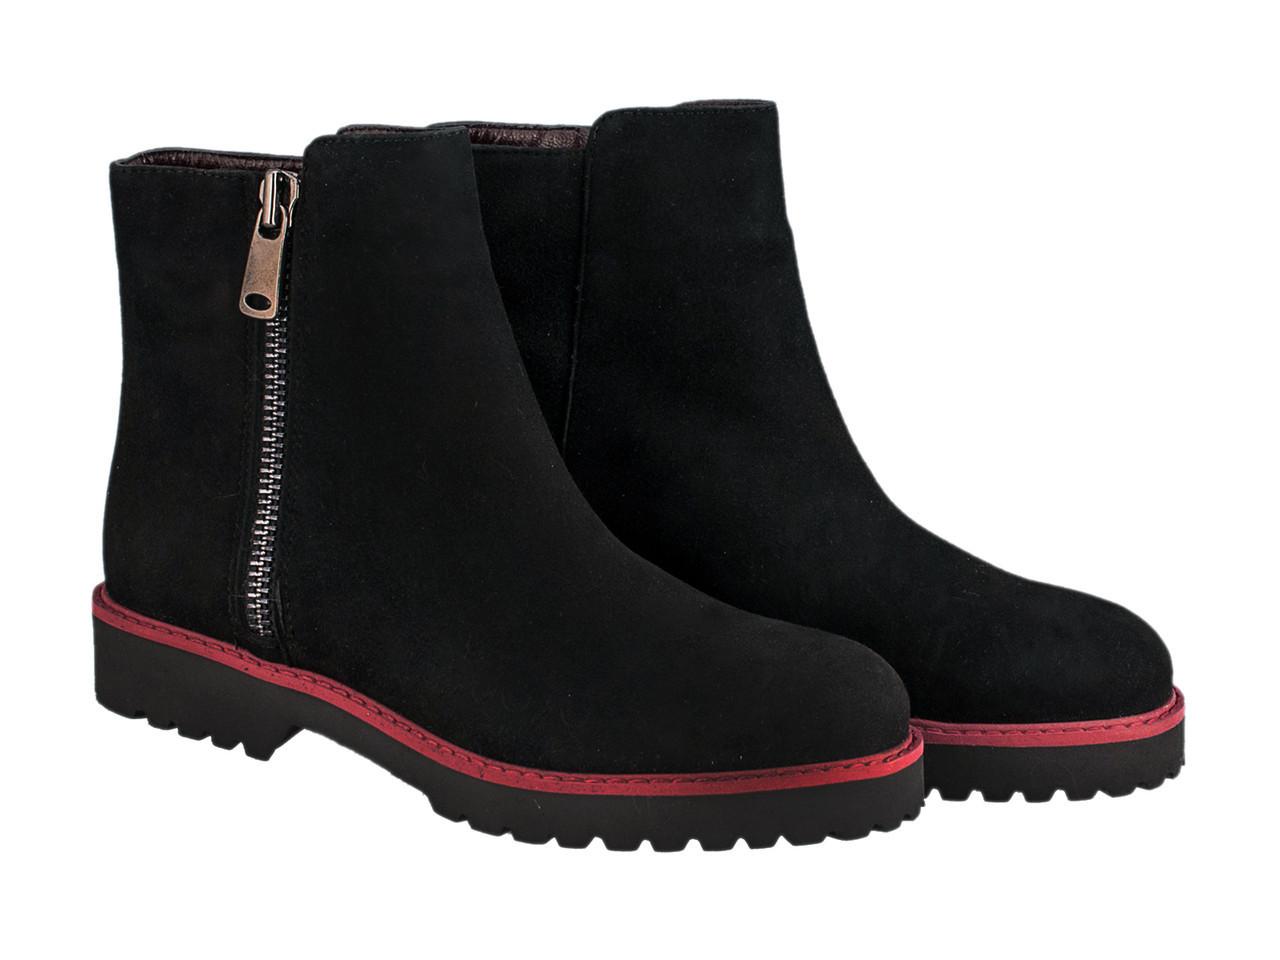 Ботинки Etor 5626-08421 38 черные